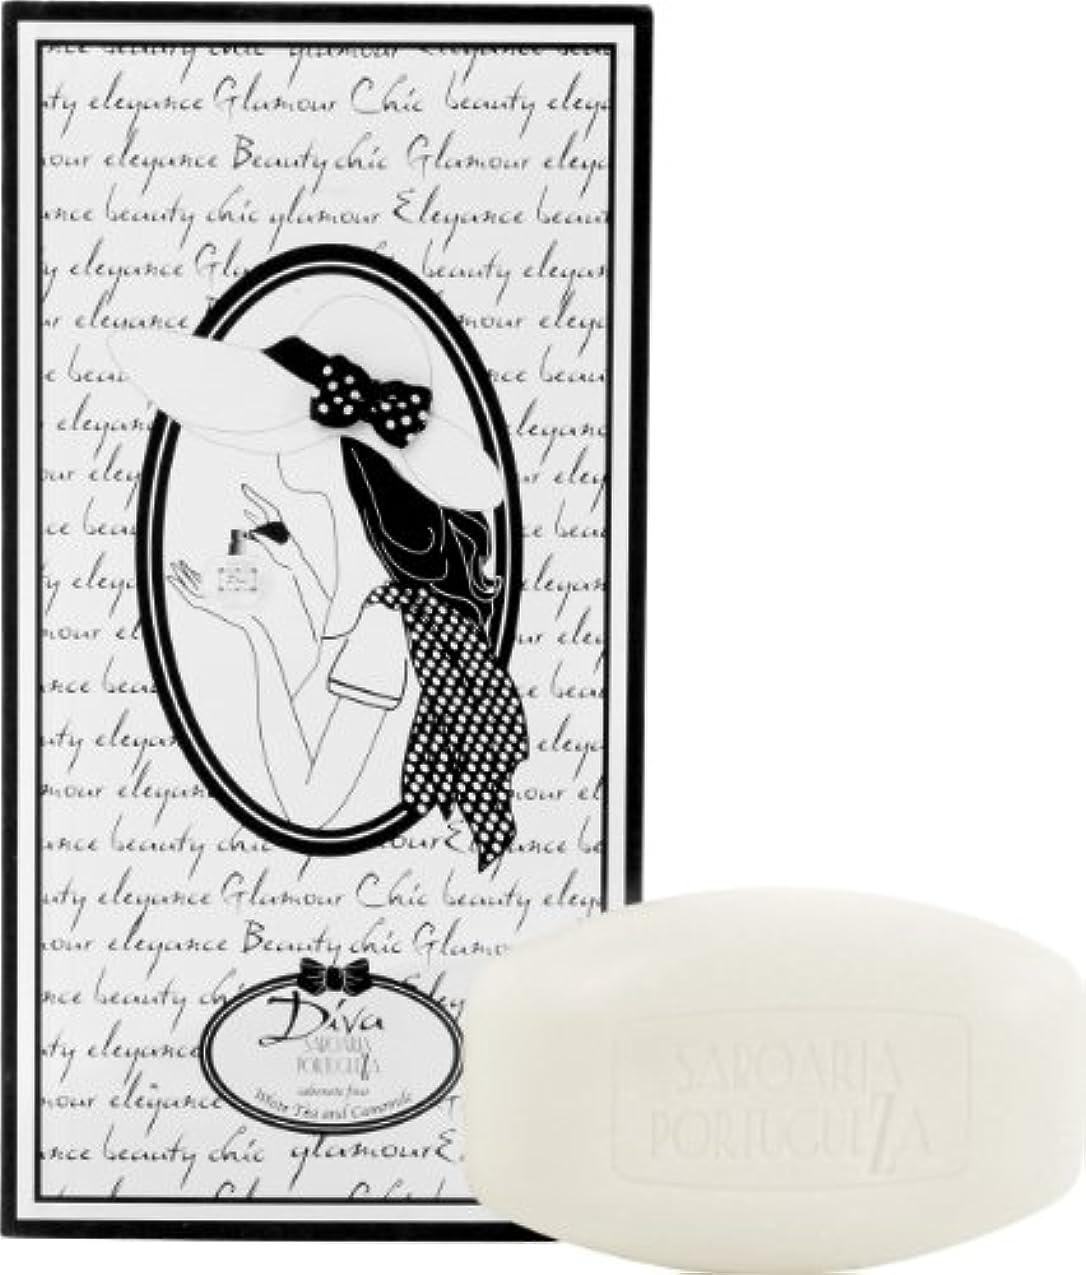 ステンレス袋かなりのサボアリア ディーバ/diva ソープセット10×20g ホワイトティー&カモミール